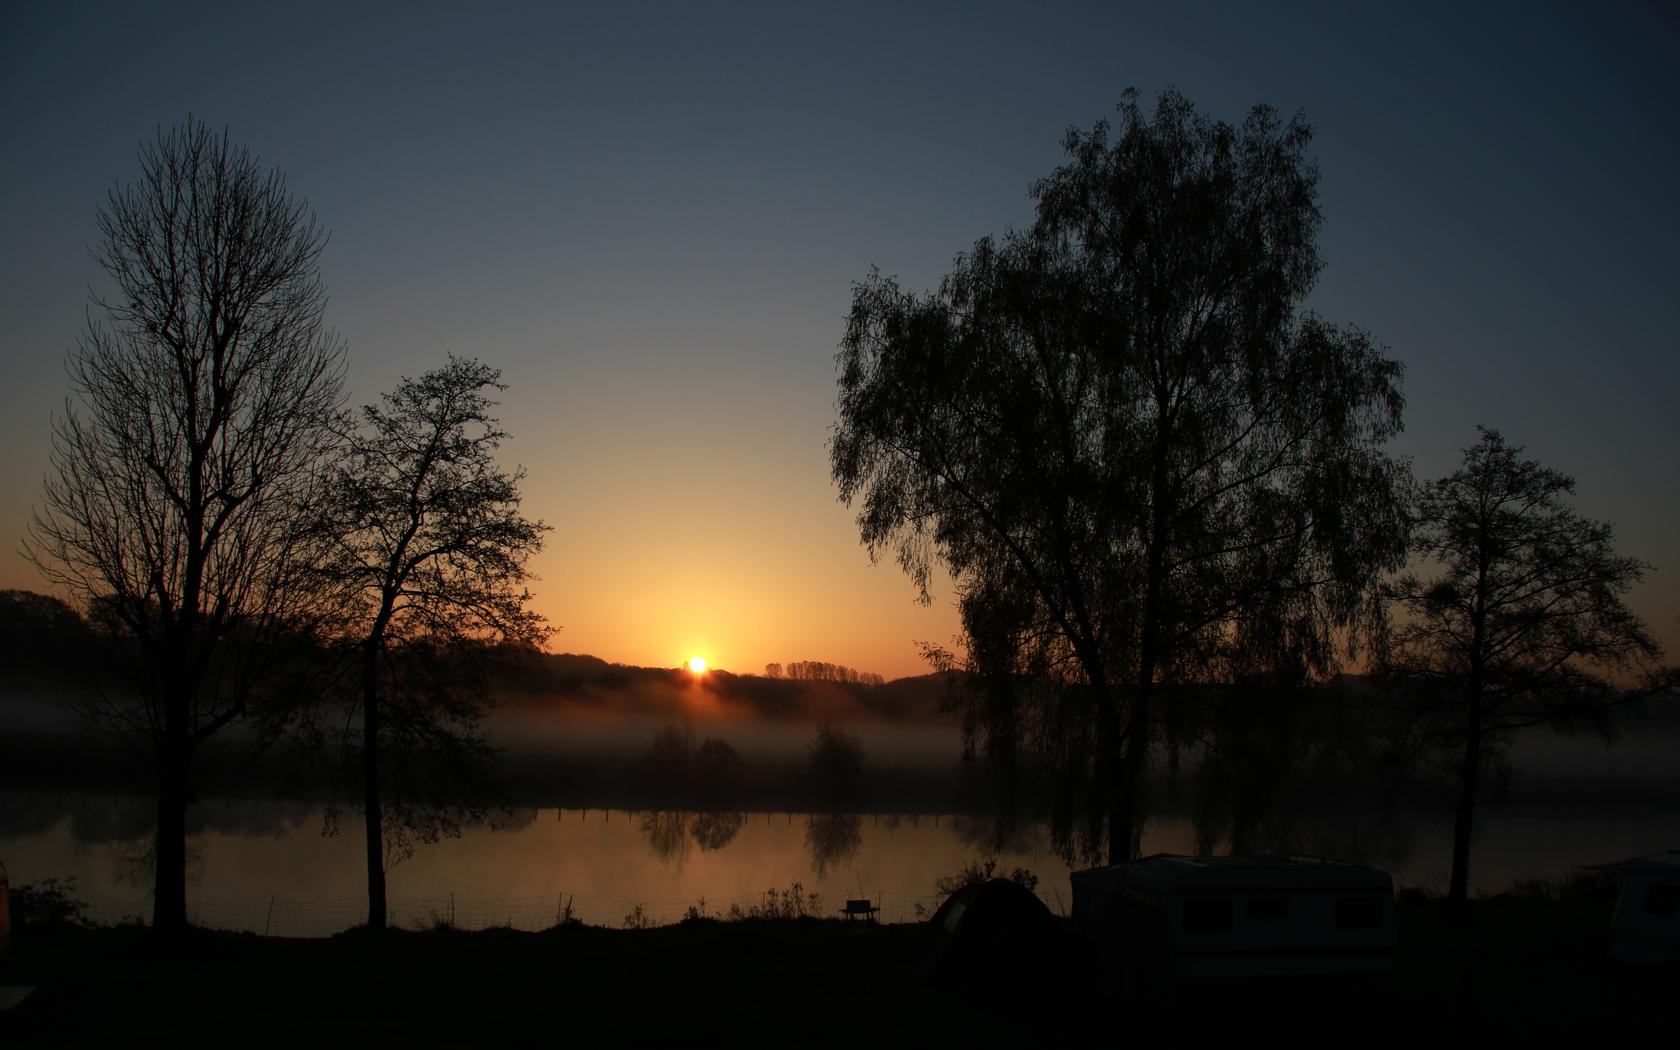 Sonnenaufgang an der Ruhr bei Mülheim